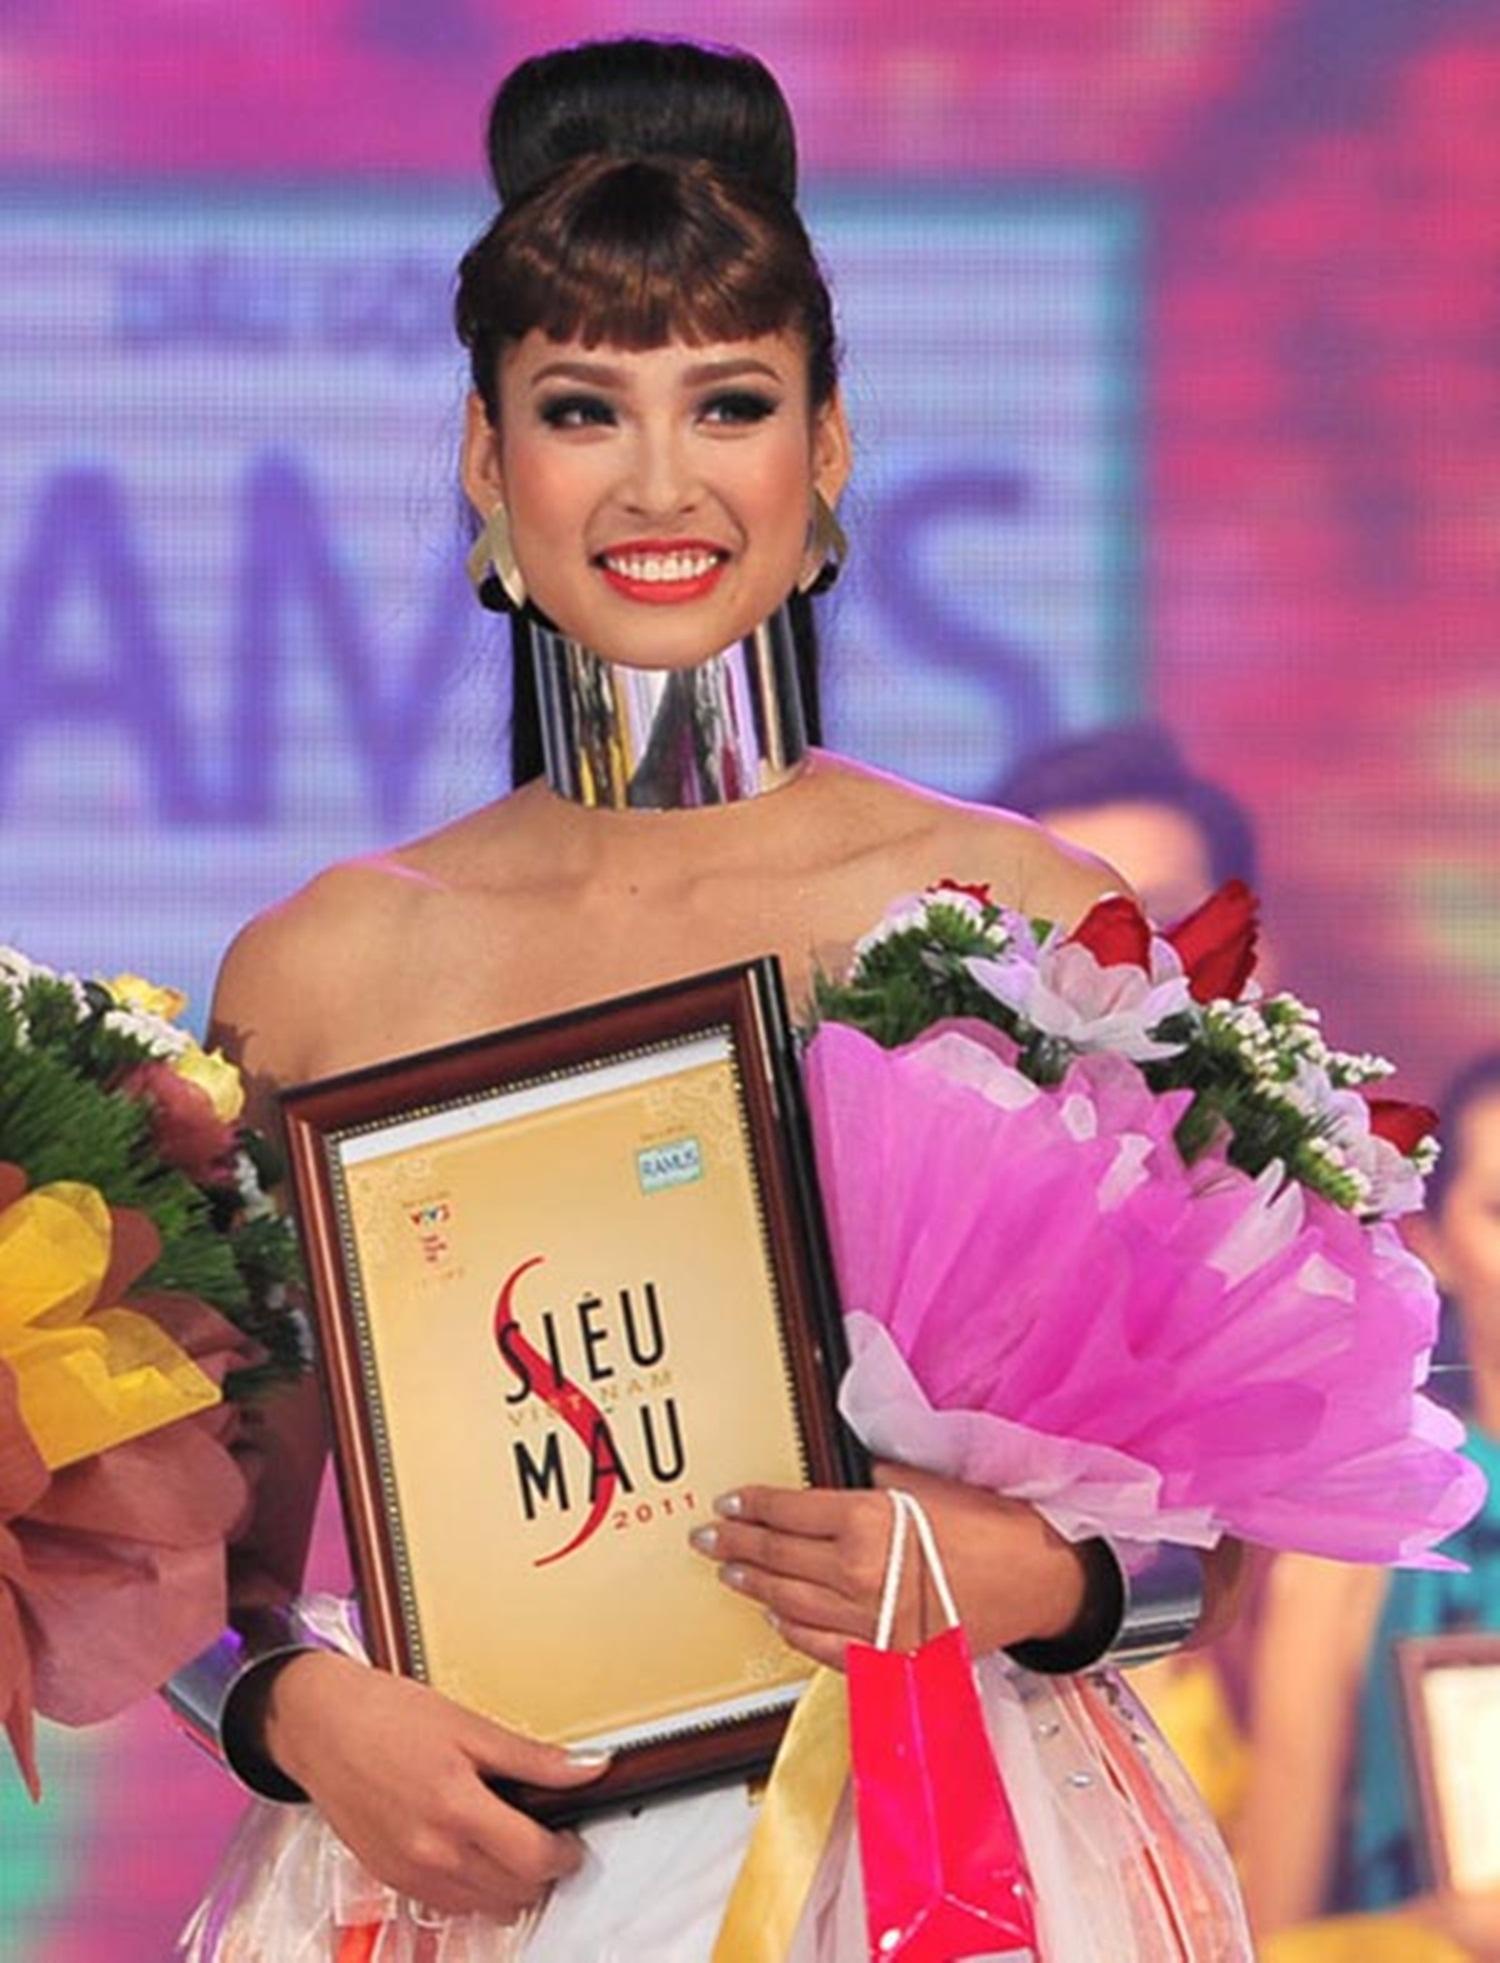 """Vương Thu Phương từng đăng quang """"Siêu mẫu Việt Nam 2011"""". Thu Phương được đánh giá cao bởi vóc dáng đẹp, nhan sắc hài hoà, thanh tú, số đo 3 vòng: 87-64-97."""